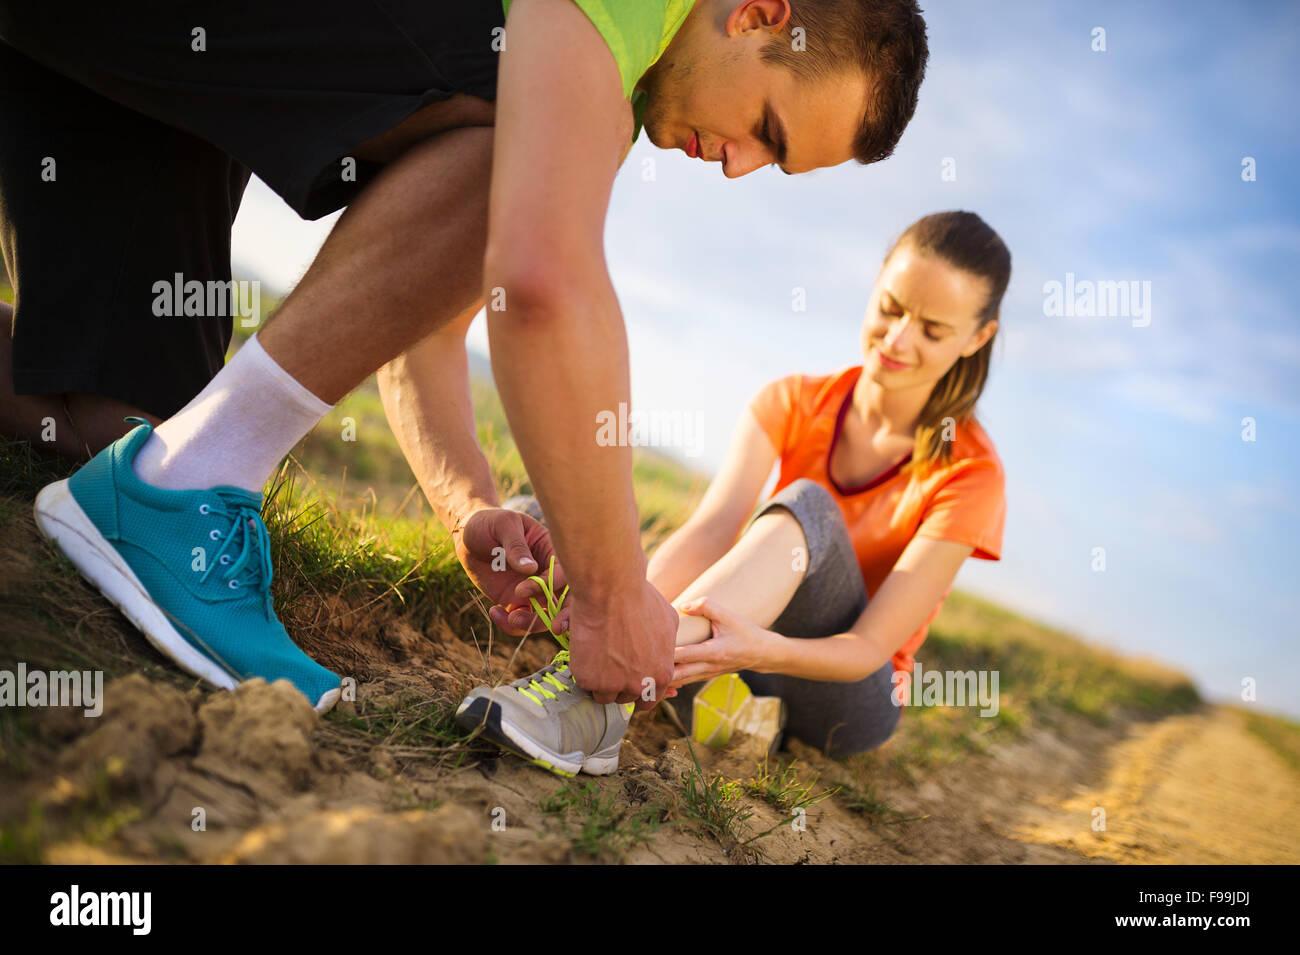 Dommage - sport femme avec twisted entorse obtenez de l'aide de l'homme touchant la cheville. Banque D'Images